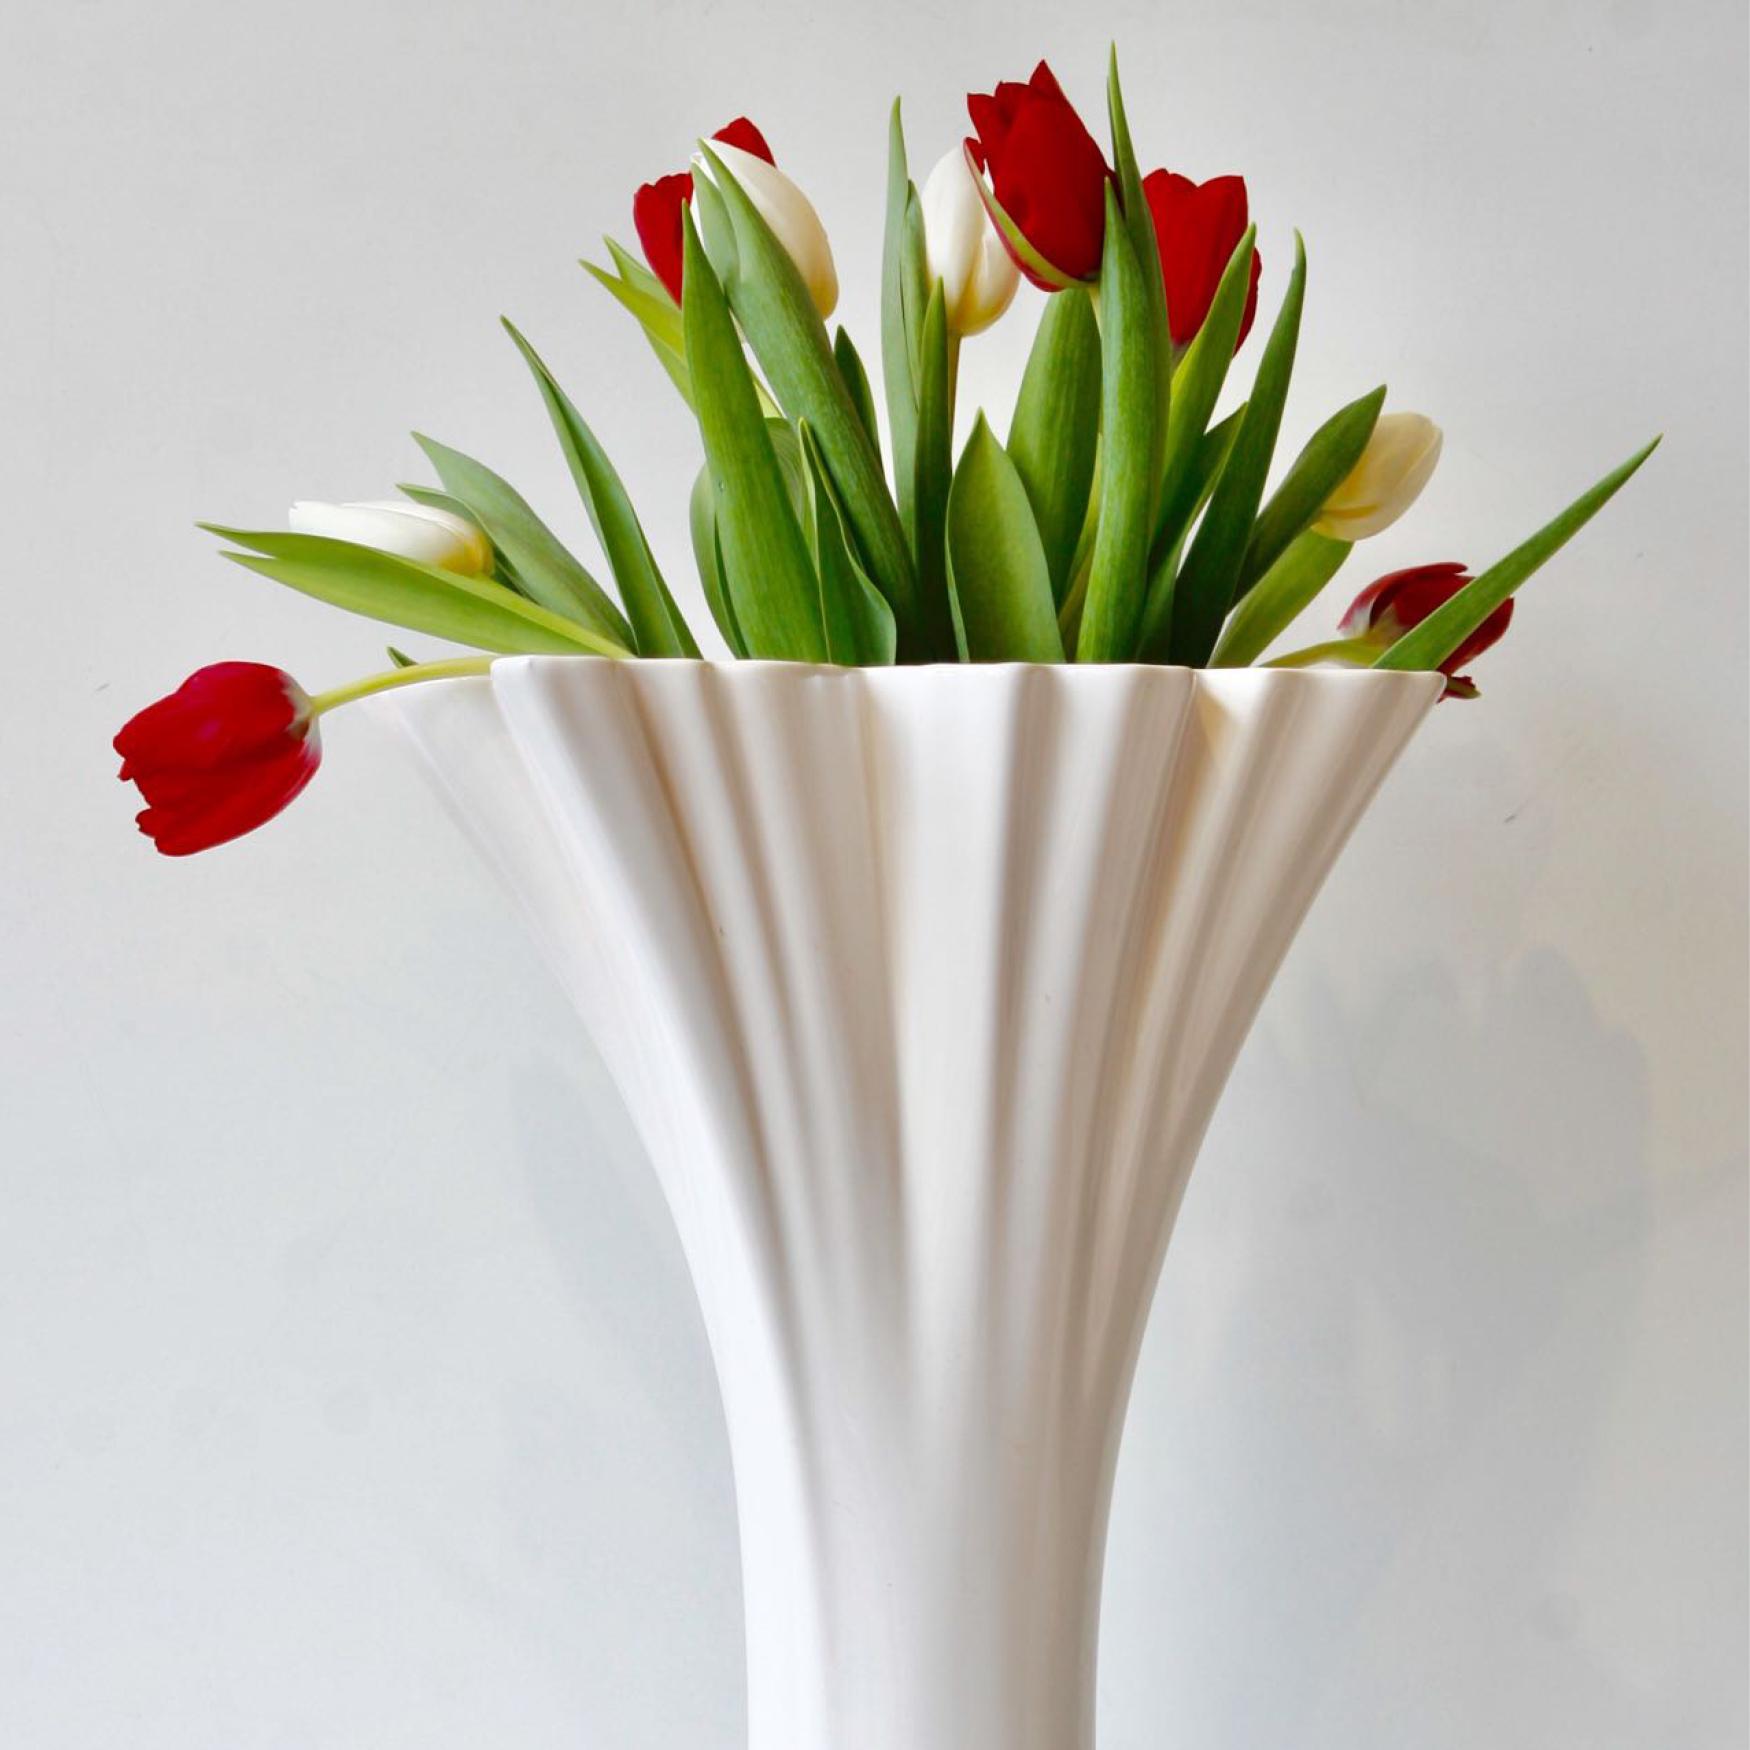 Dianthus-Flowers-Gallery-Vases-1902-12.jpg